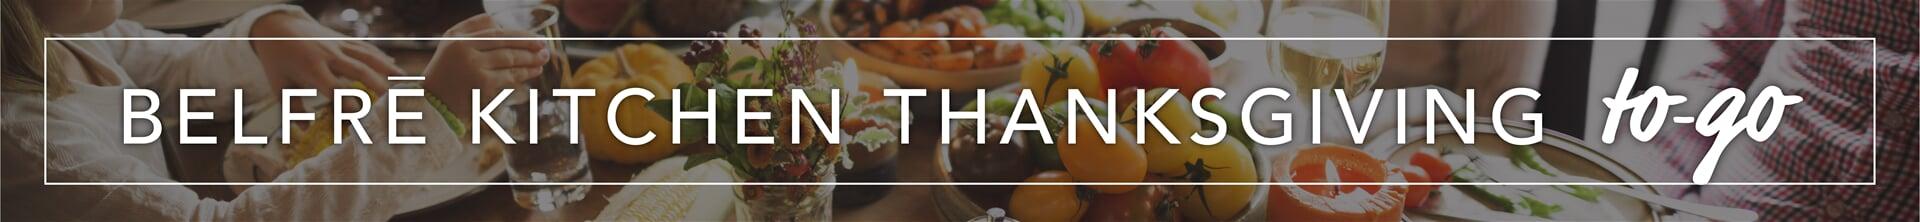 Restaurants Near Me Open On Thanksgiving 2020 20 Restaurants Open On Thanksgiving 2020 Restaurants Serving Thanksgiving Dinner